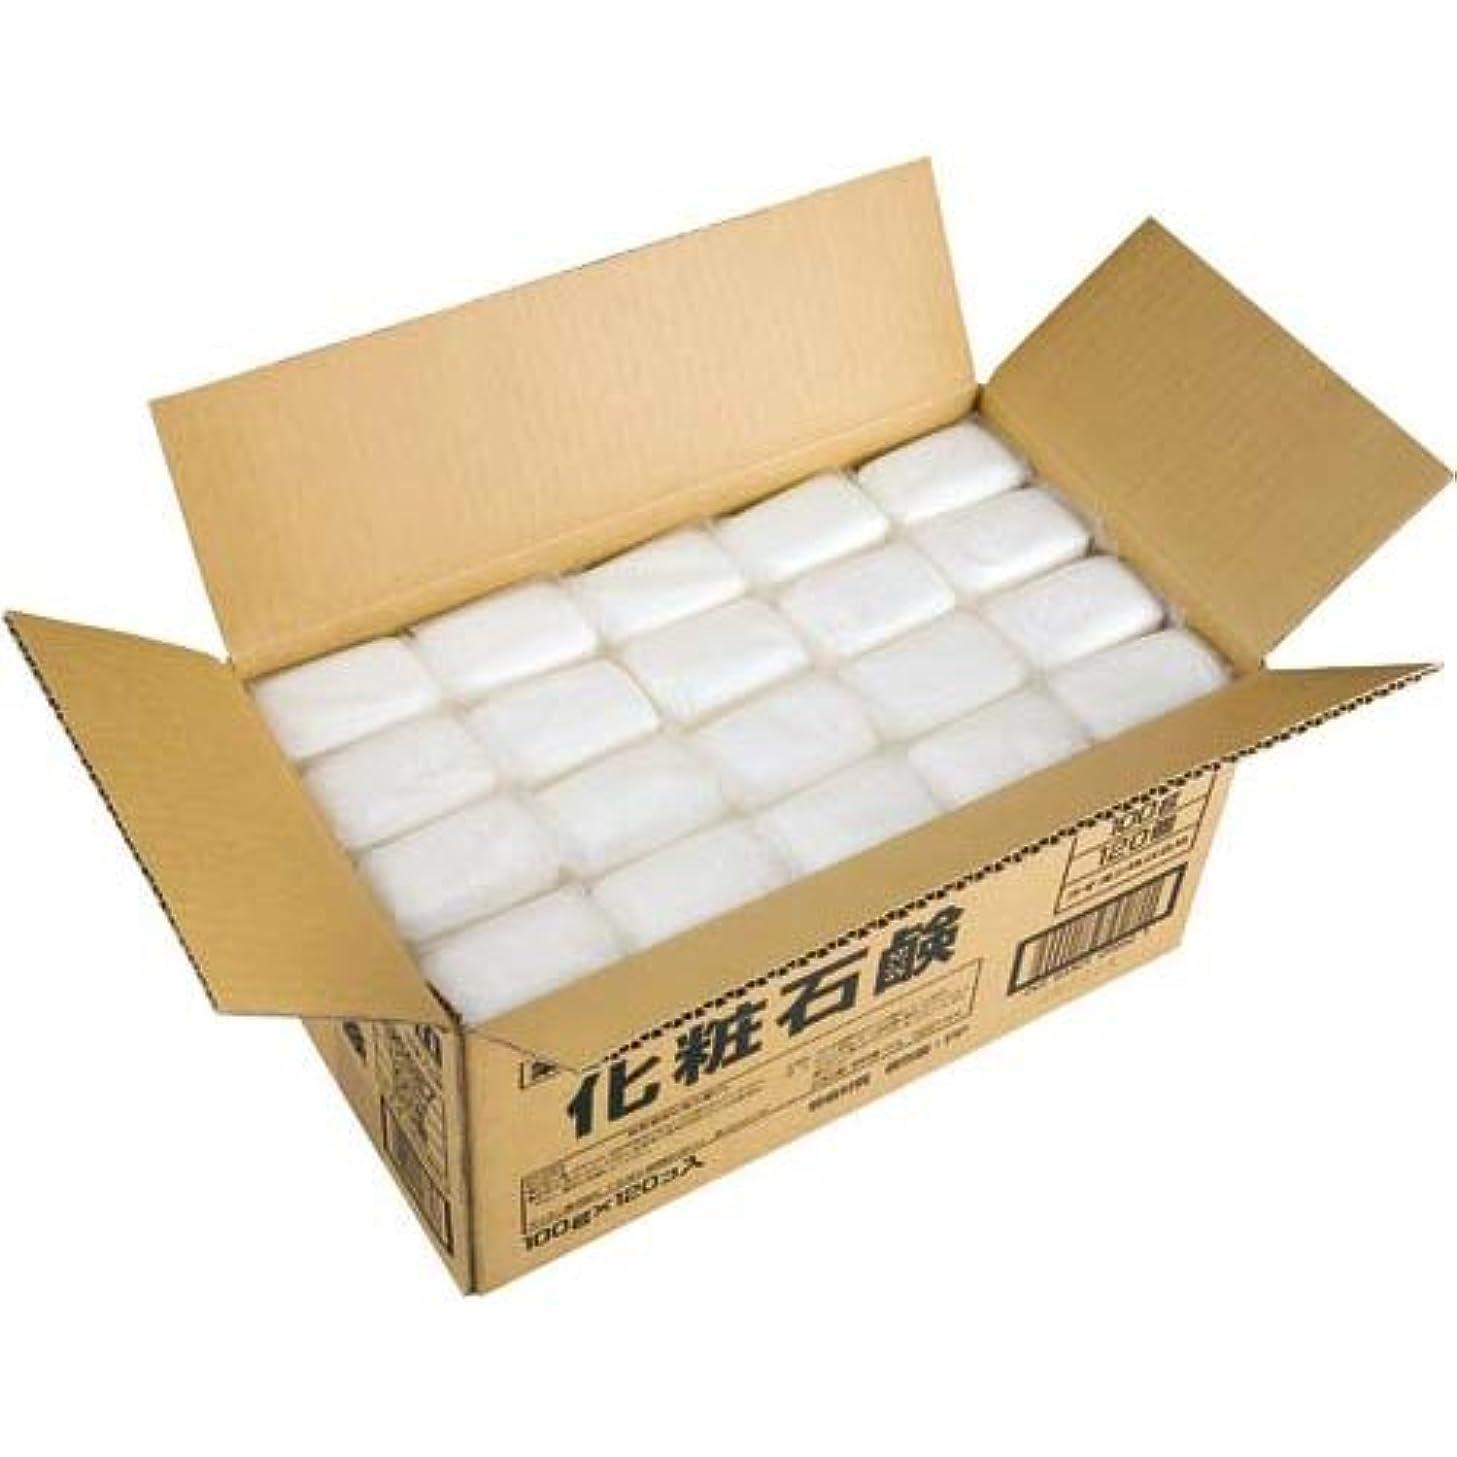 状態管理バウンドライオン 植物物語 化粧石鹸 (100g×120入)